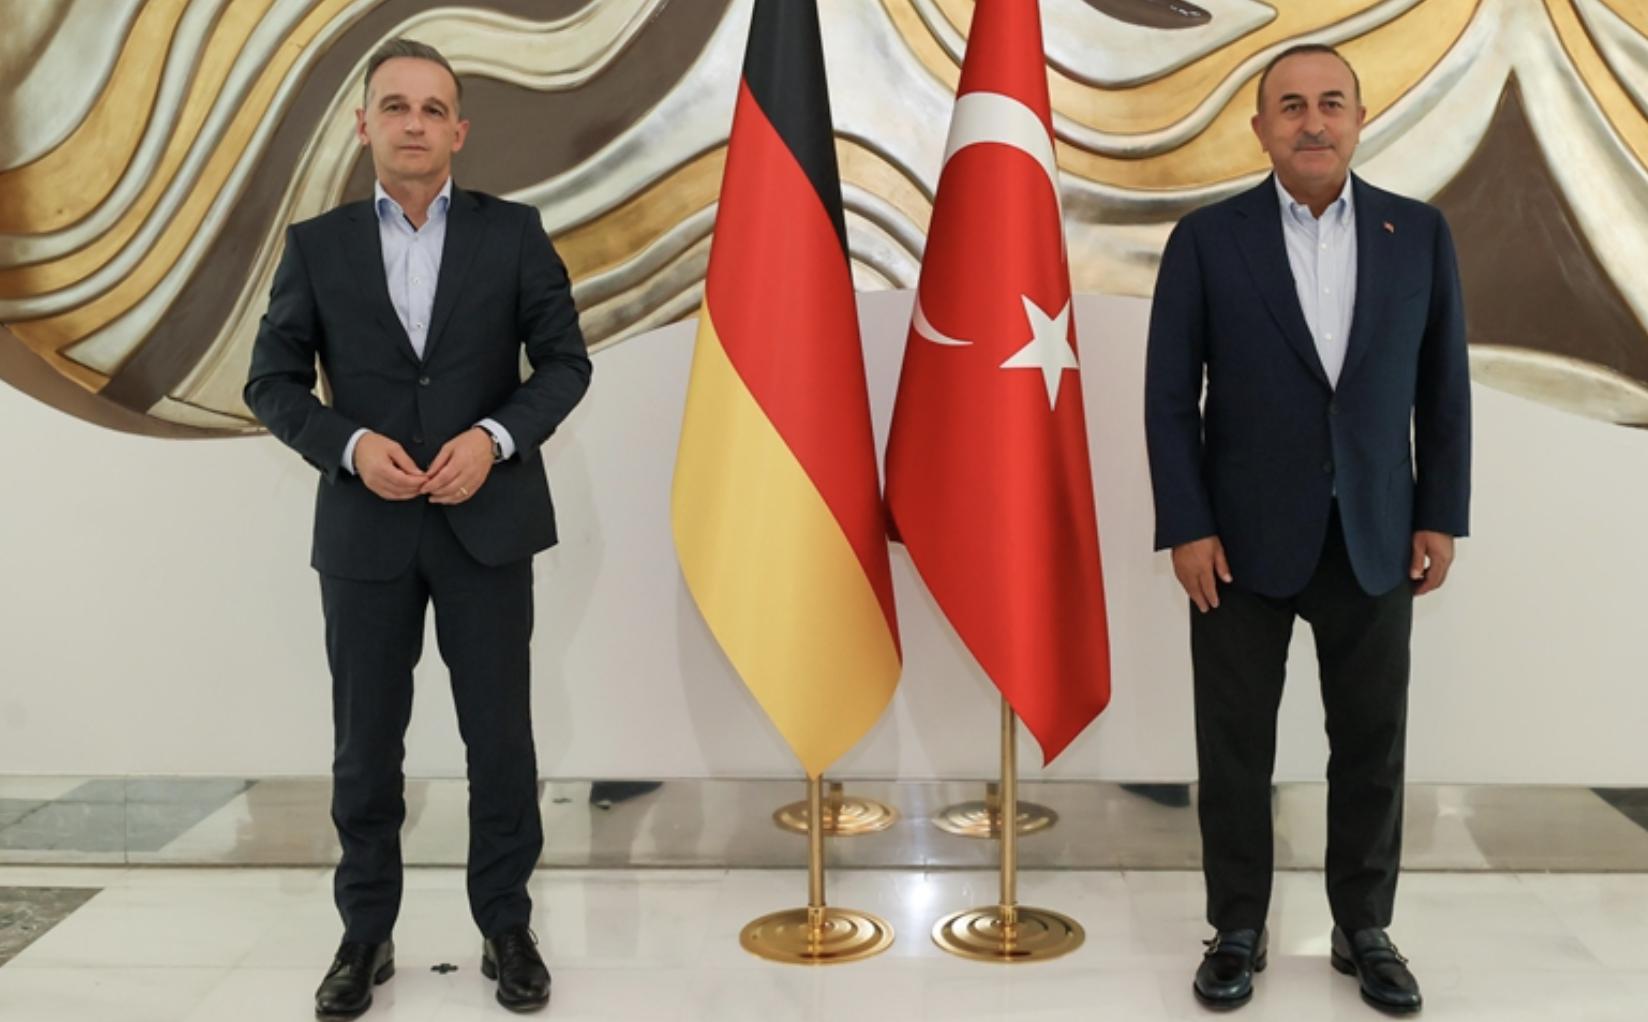 Η Τουρκία απορρίπτει τους ισχυρισμούς για τη διατήρηση Αφγανών στο έδαφος της